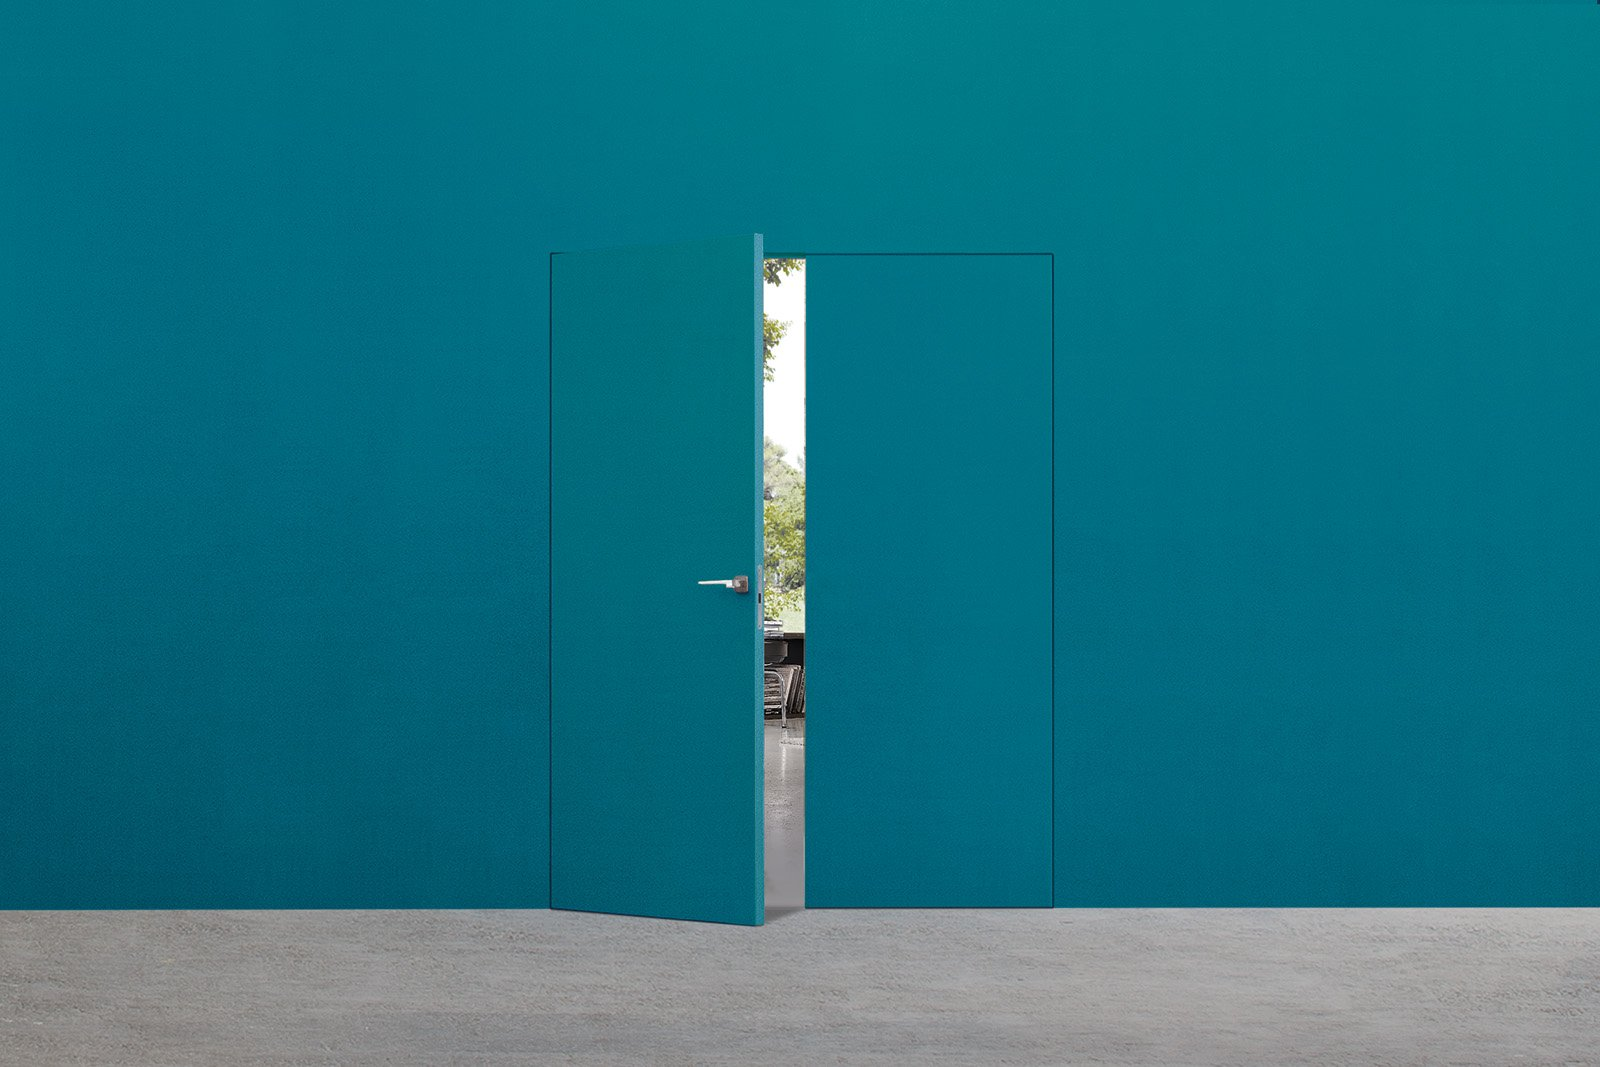 Porte a filo muro design essenziale o finitura d cor - Porta filo muro prezzo ...